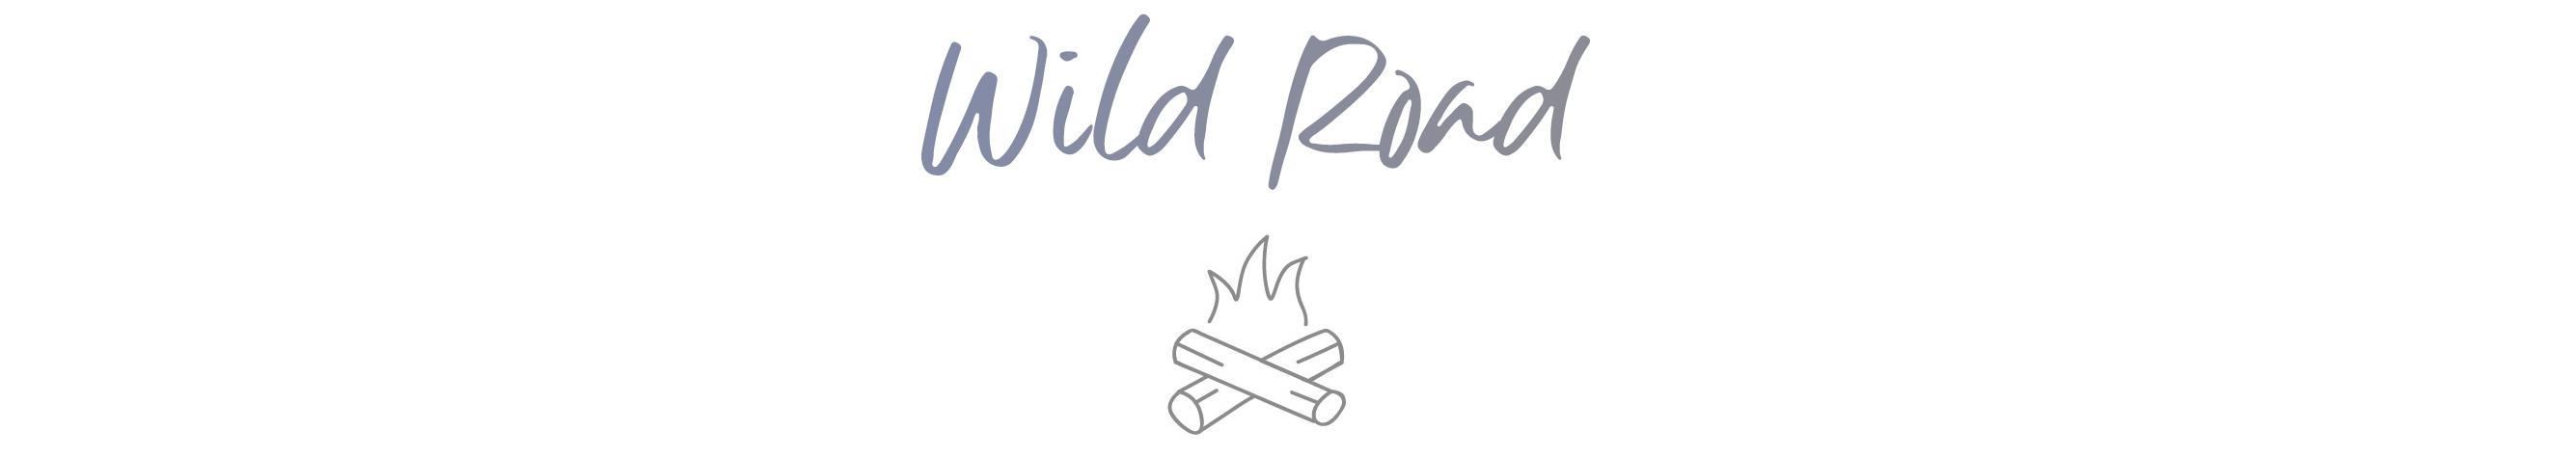 Wild Road le blog des randonnées hors des sentiers